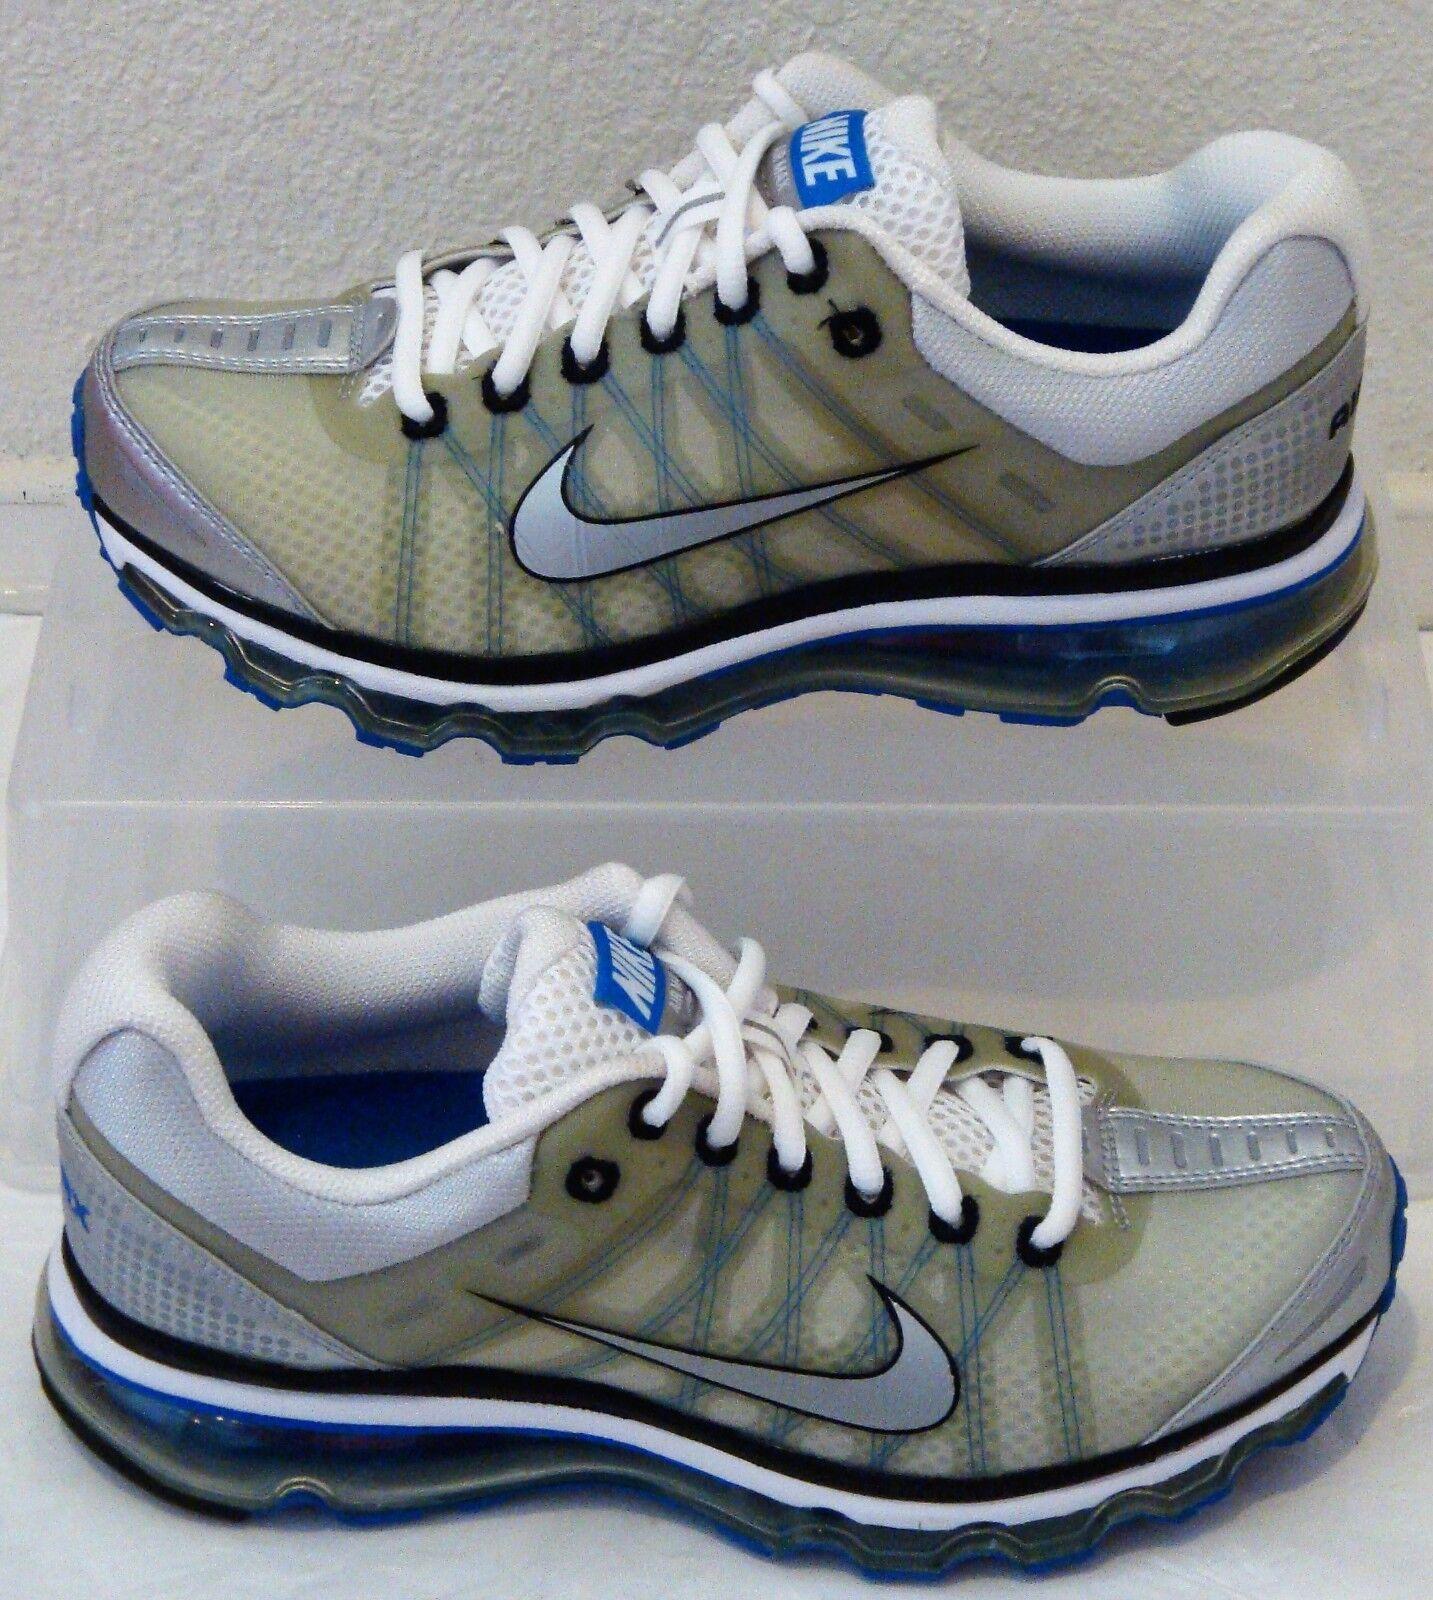 New Nike Air Max 2009 Silver Sapphire Sapphire Sapphire bluee Grey Mens US Size 7 3a91e1